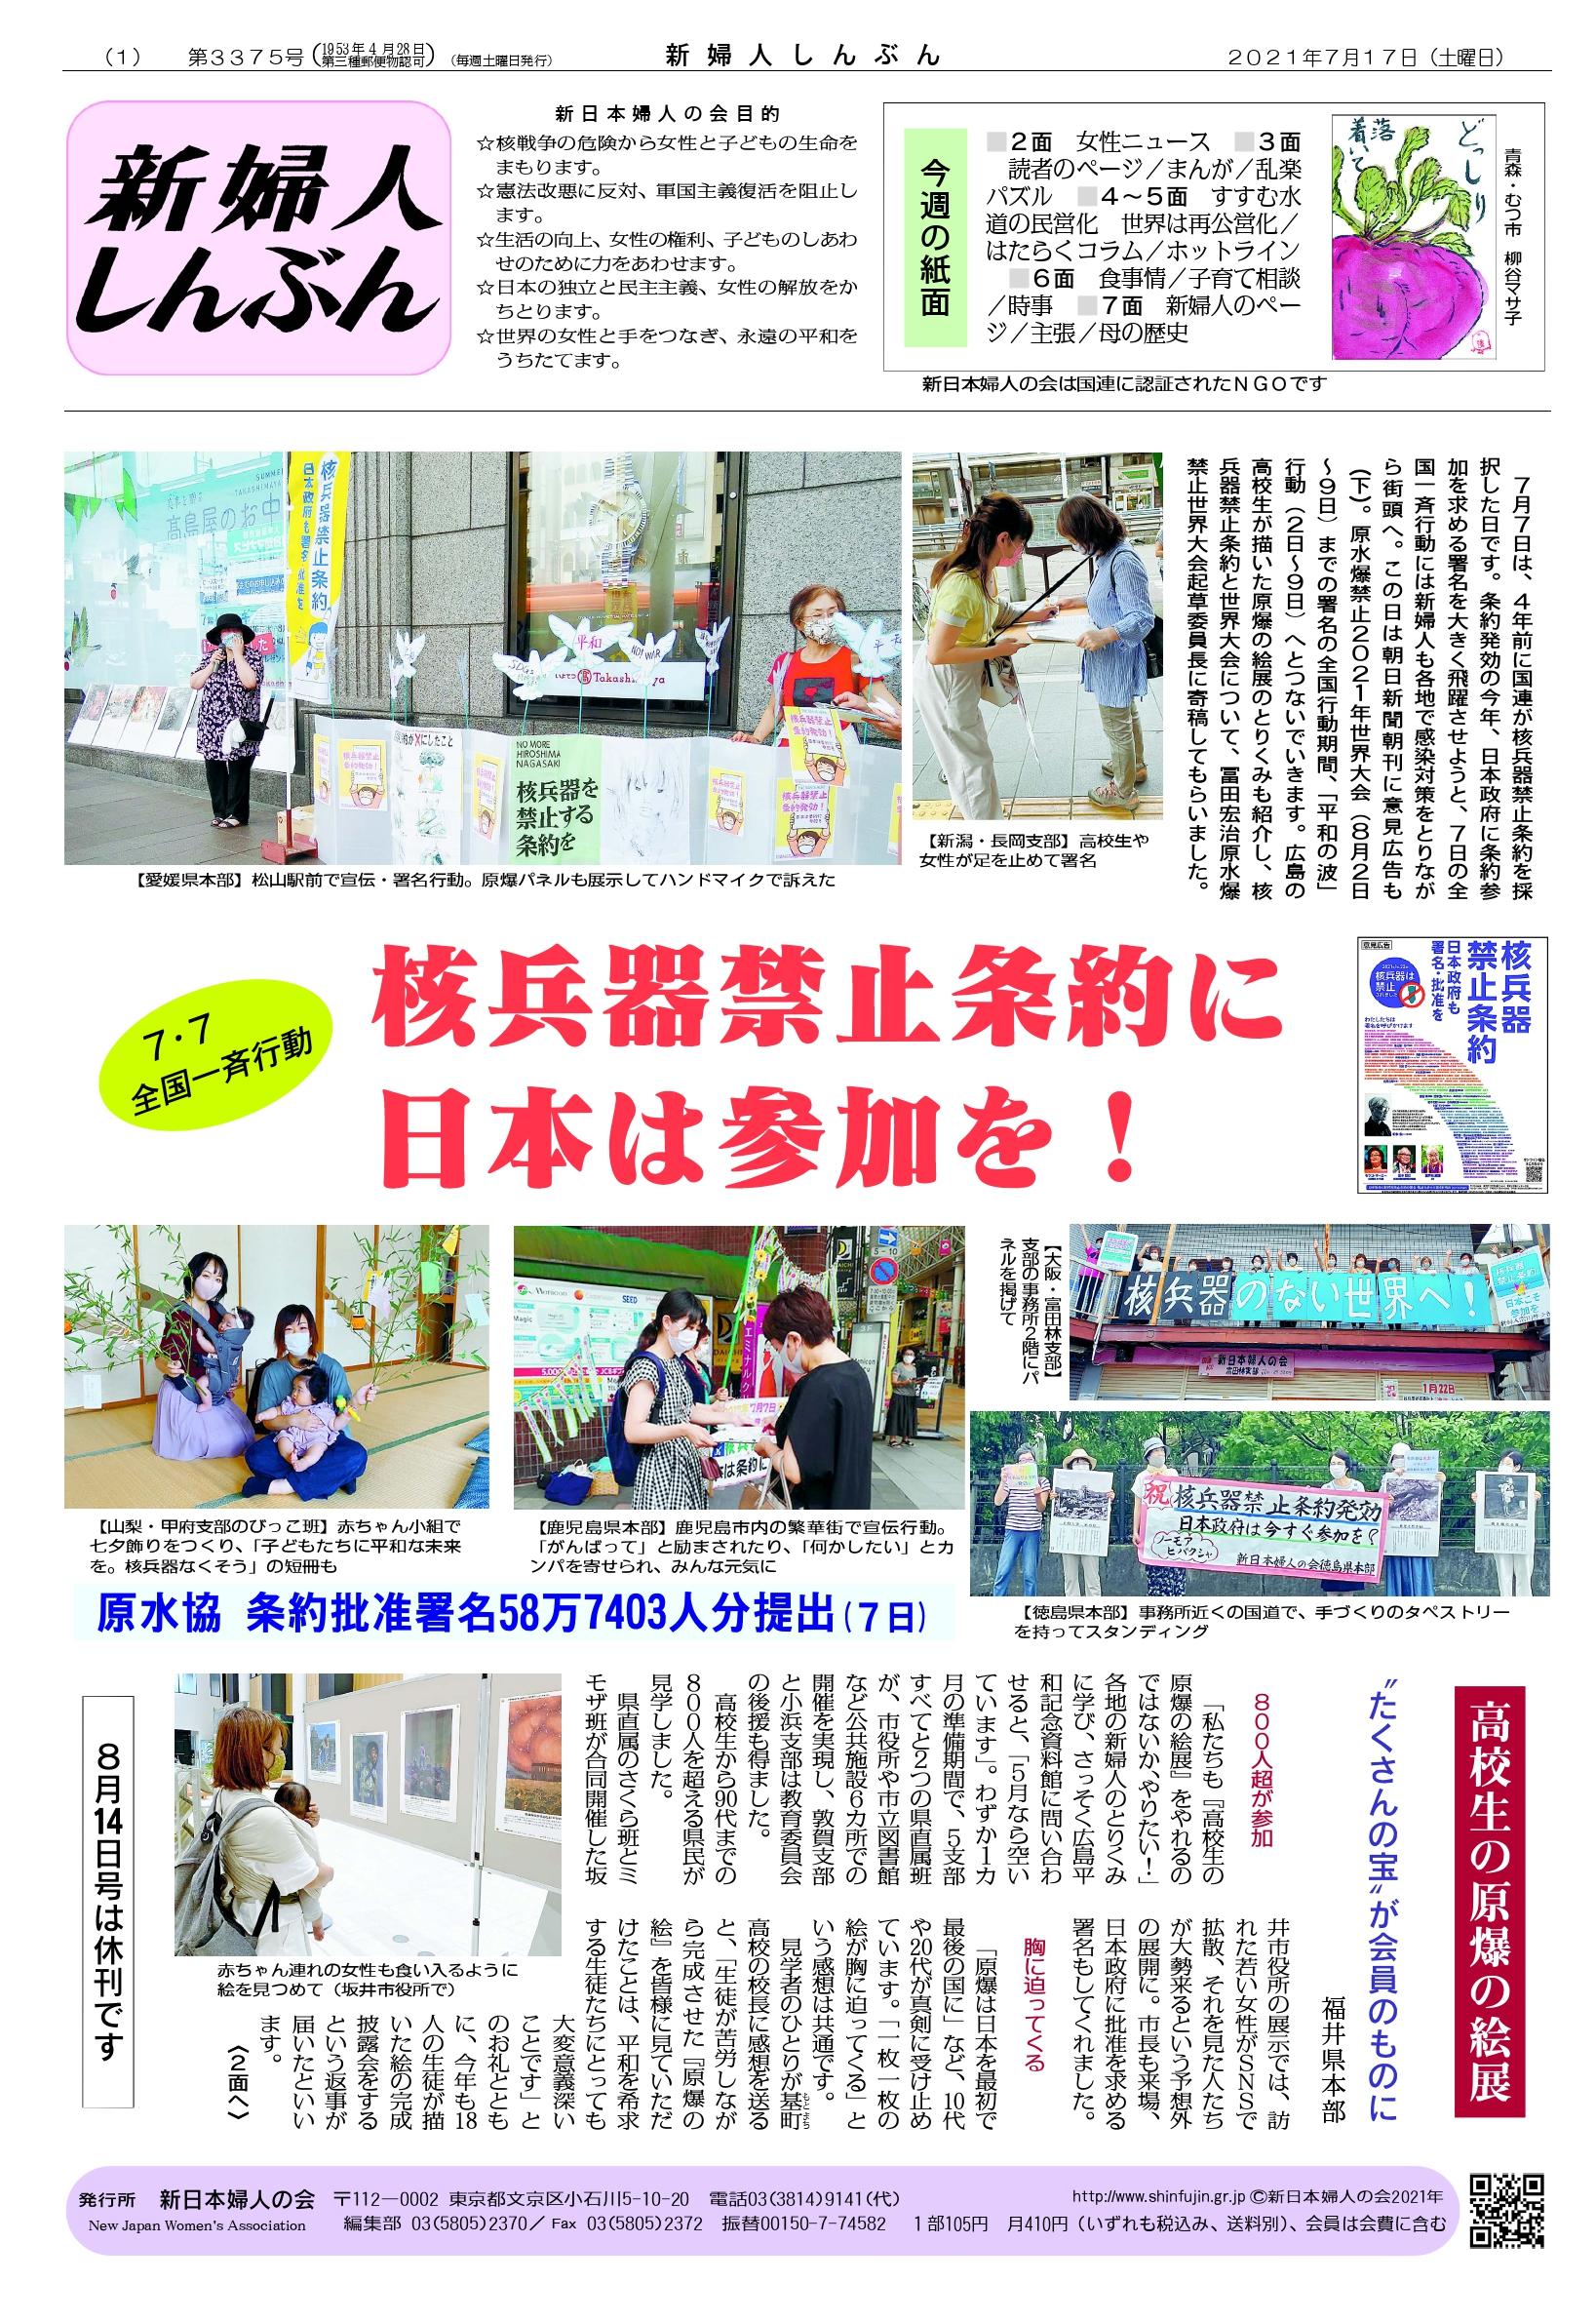 【7・7全国一斉行動】核兵器禁止条約に日本は参加を!